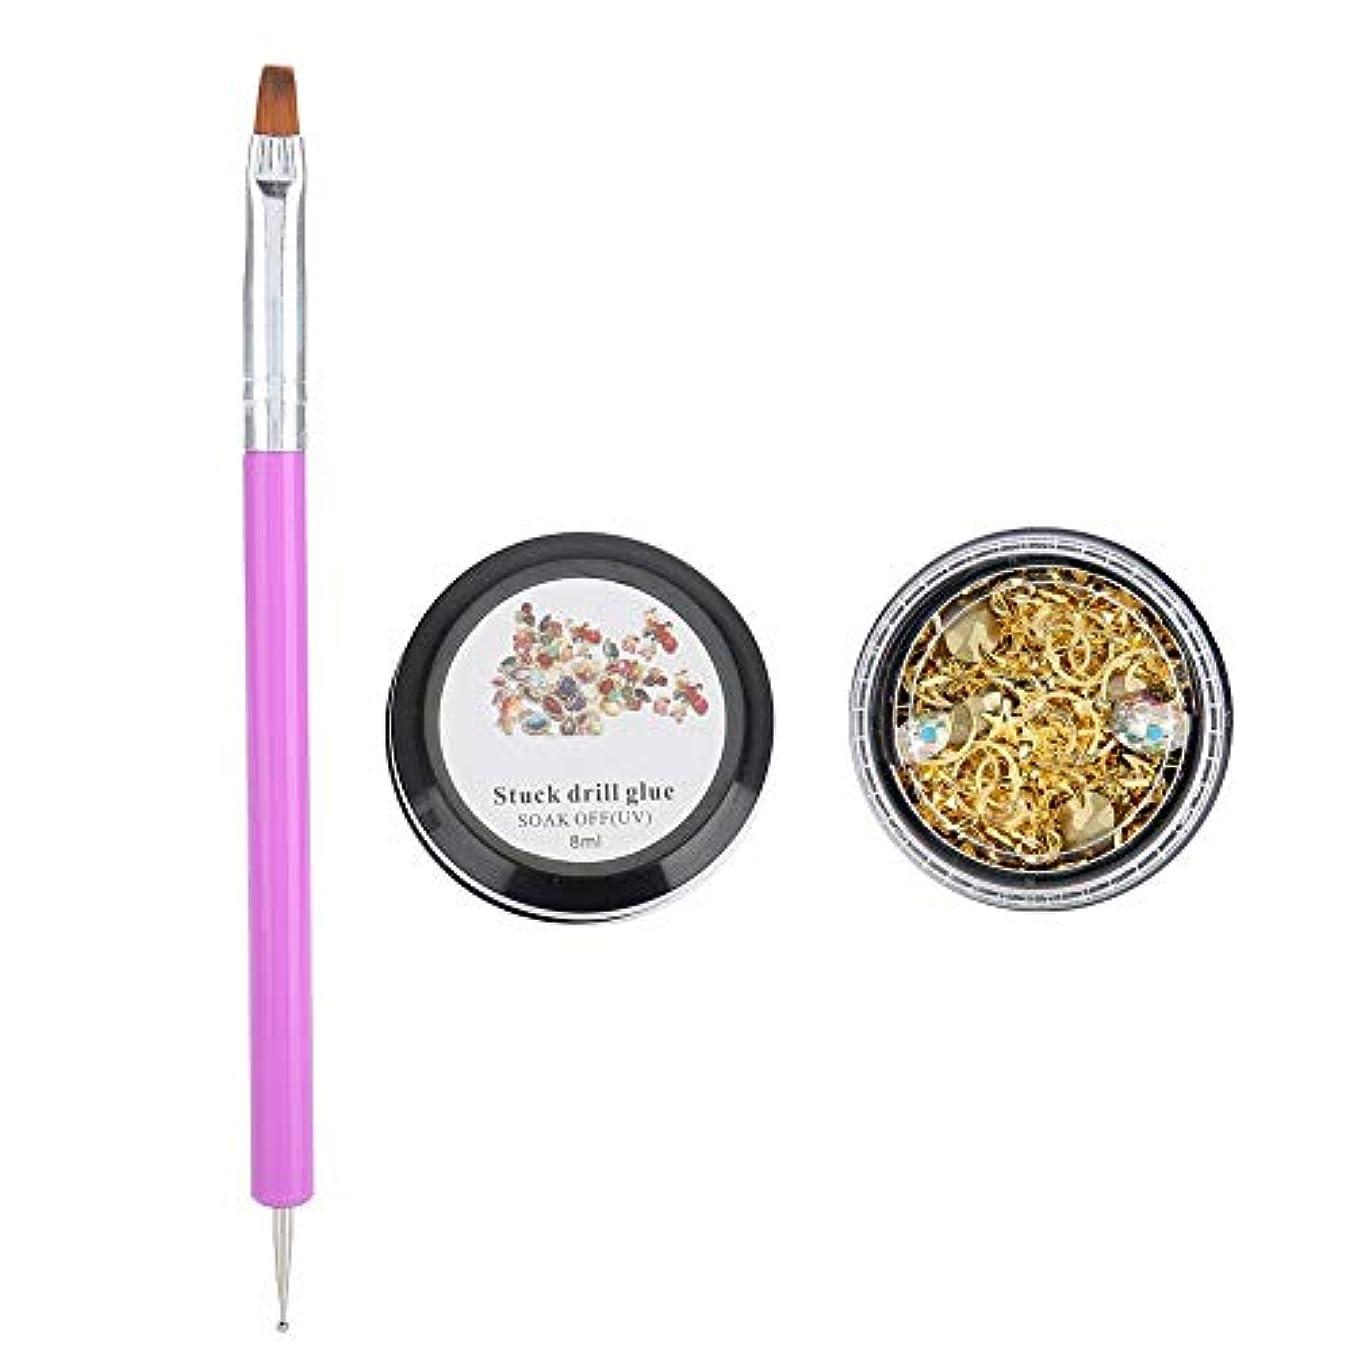 議論する童謡リングバック美しい ネイルアート 装飾リベットラインストーンスタッド ネイルアートペン 3種類 多目的 接着剤 マニキュアツール(01)